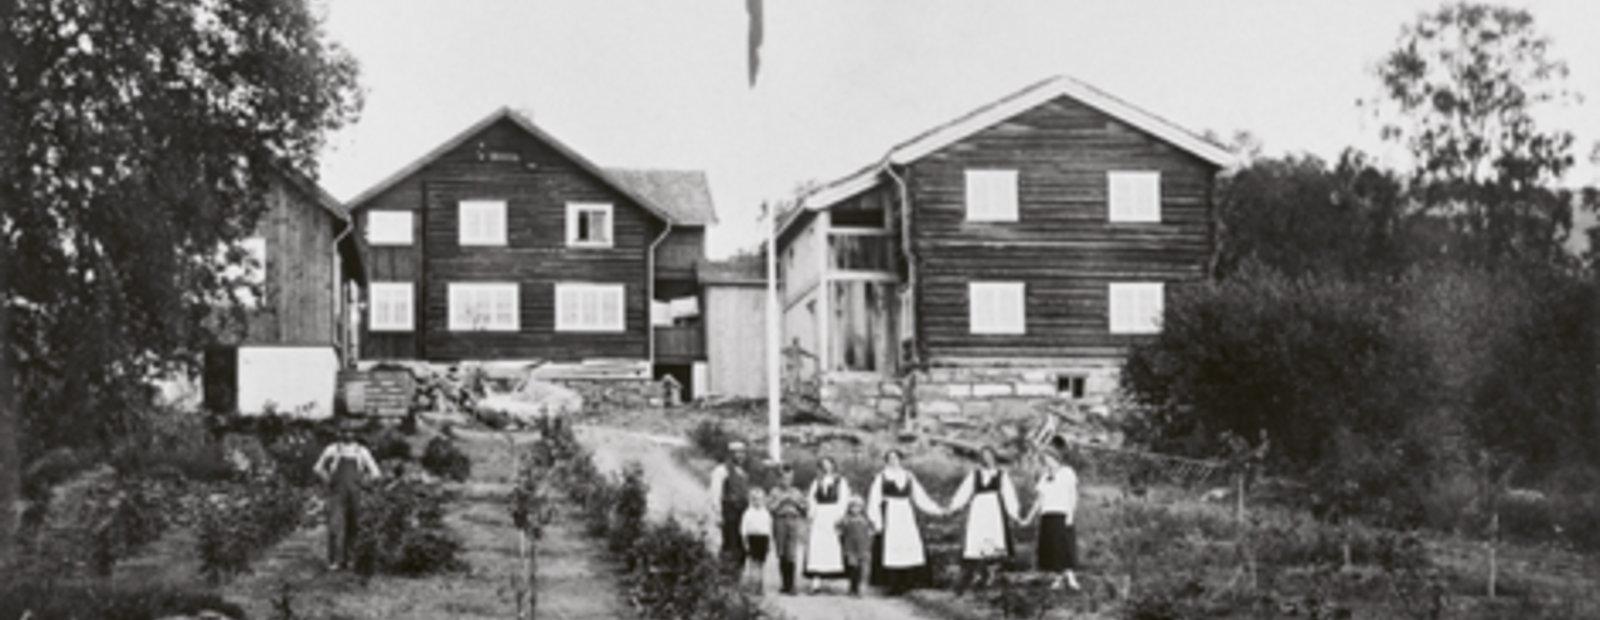 Sigrid Undsets hage, ca 1924